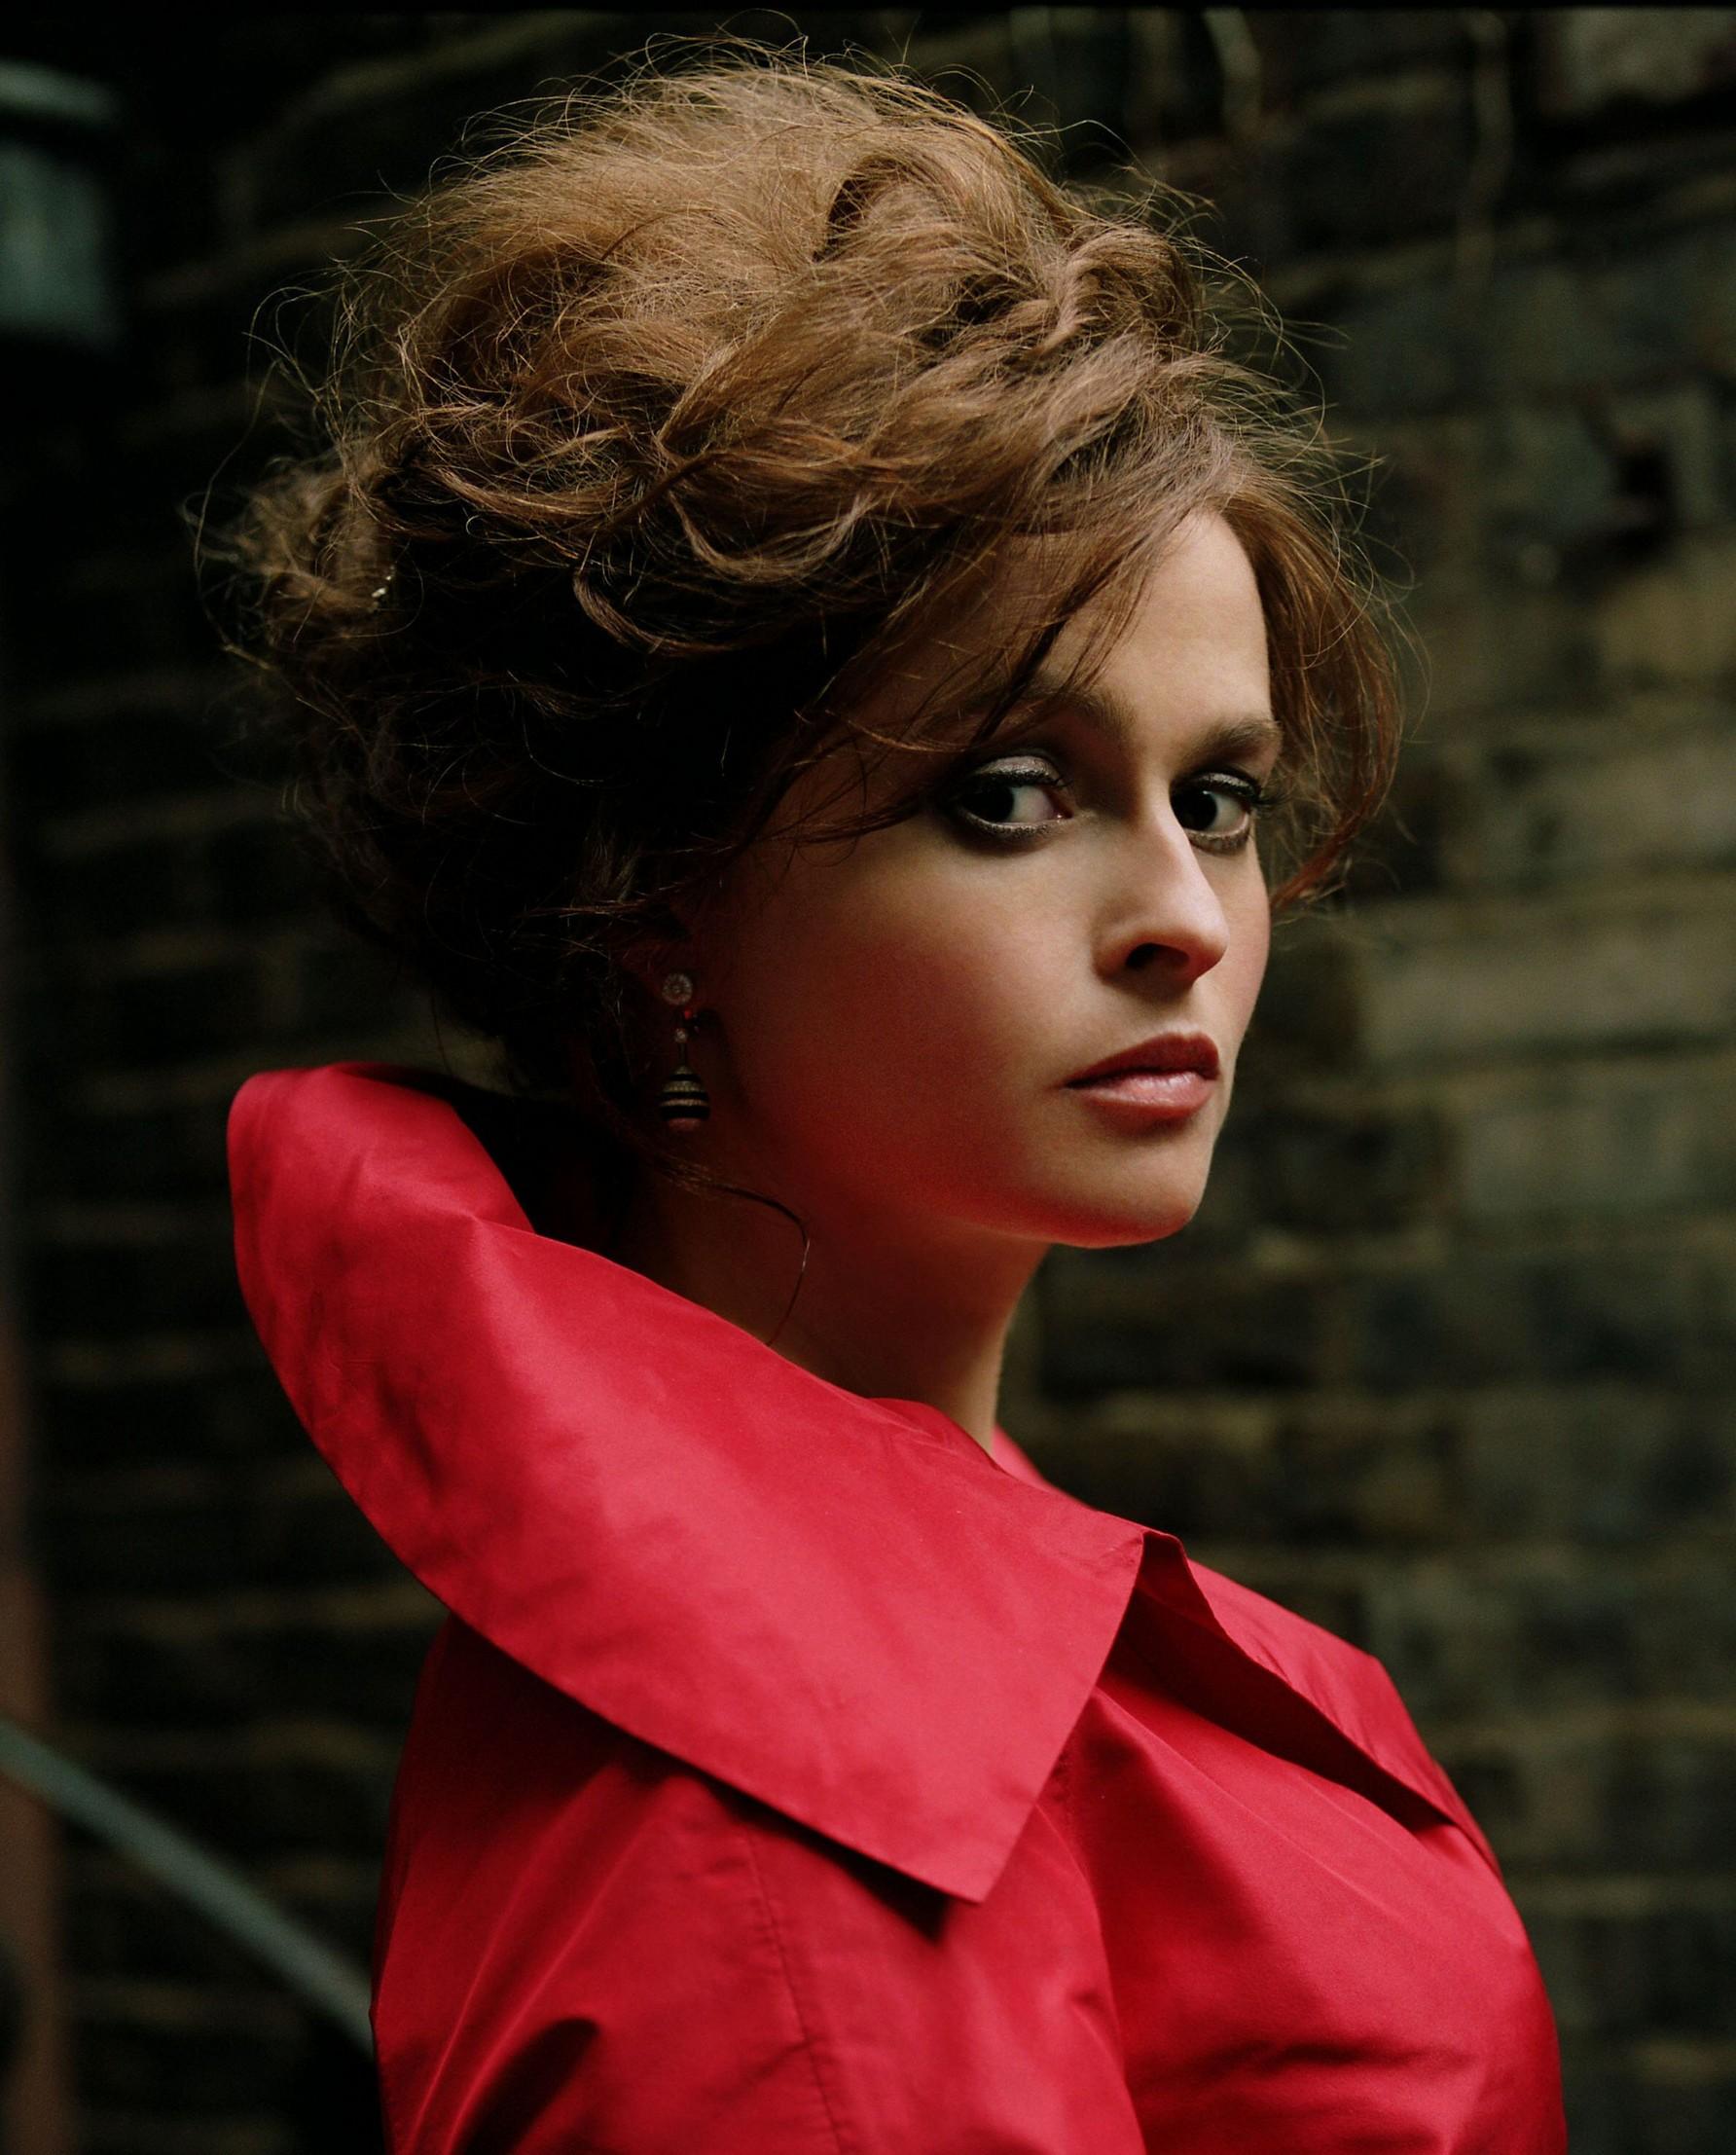 Helena Bonham Carter images HBC HD wallpaper and background photos ... Helena Bonham Carter